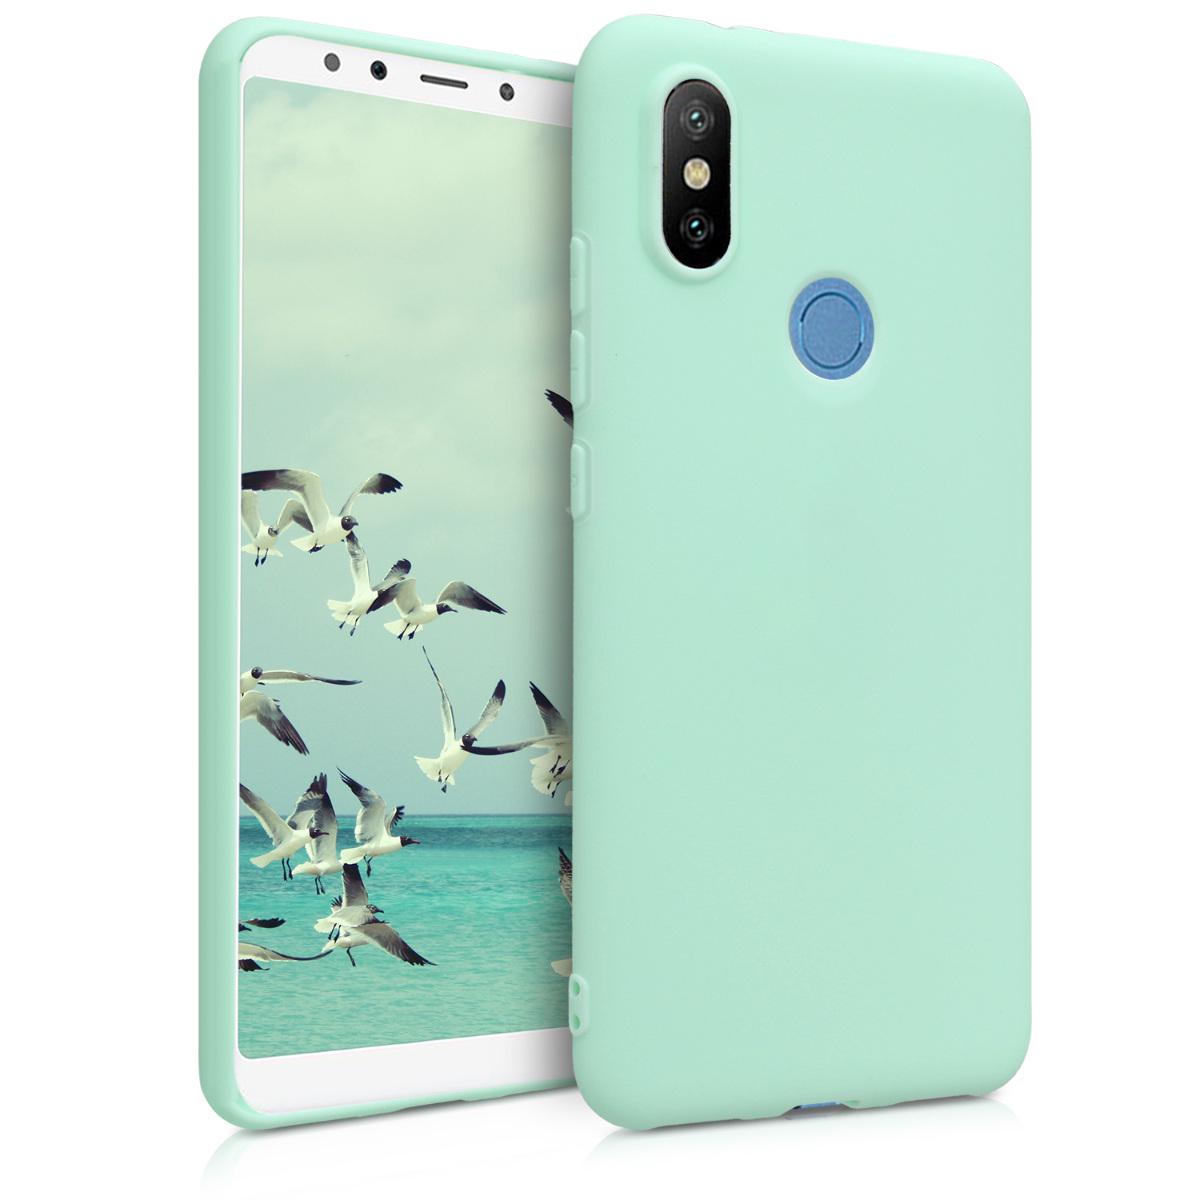 KW Θήκη Σιλικόνης Xiaomi Mi 6X / Mi A2 - Mint Matte (45063.50)